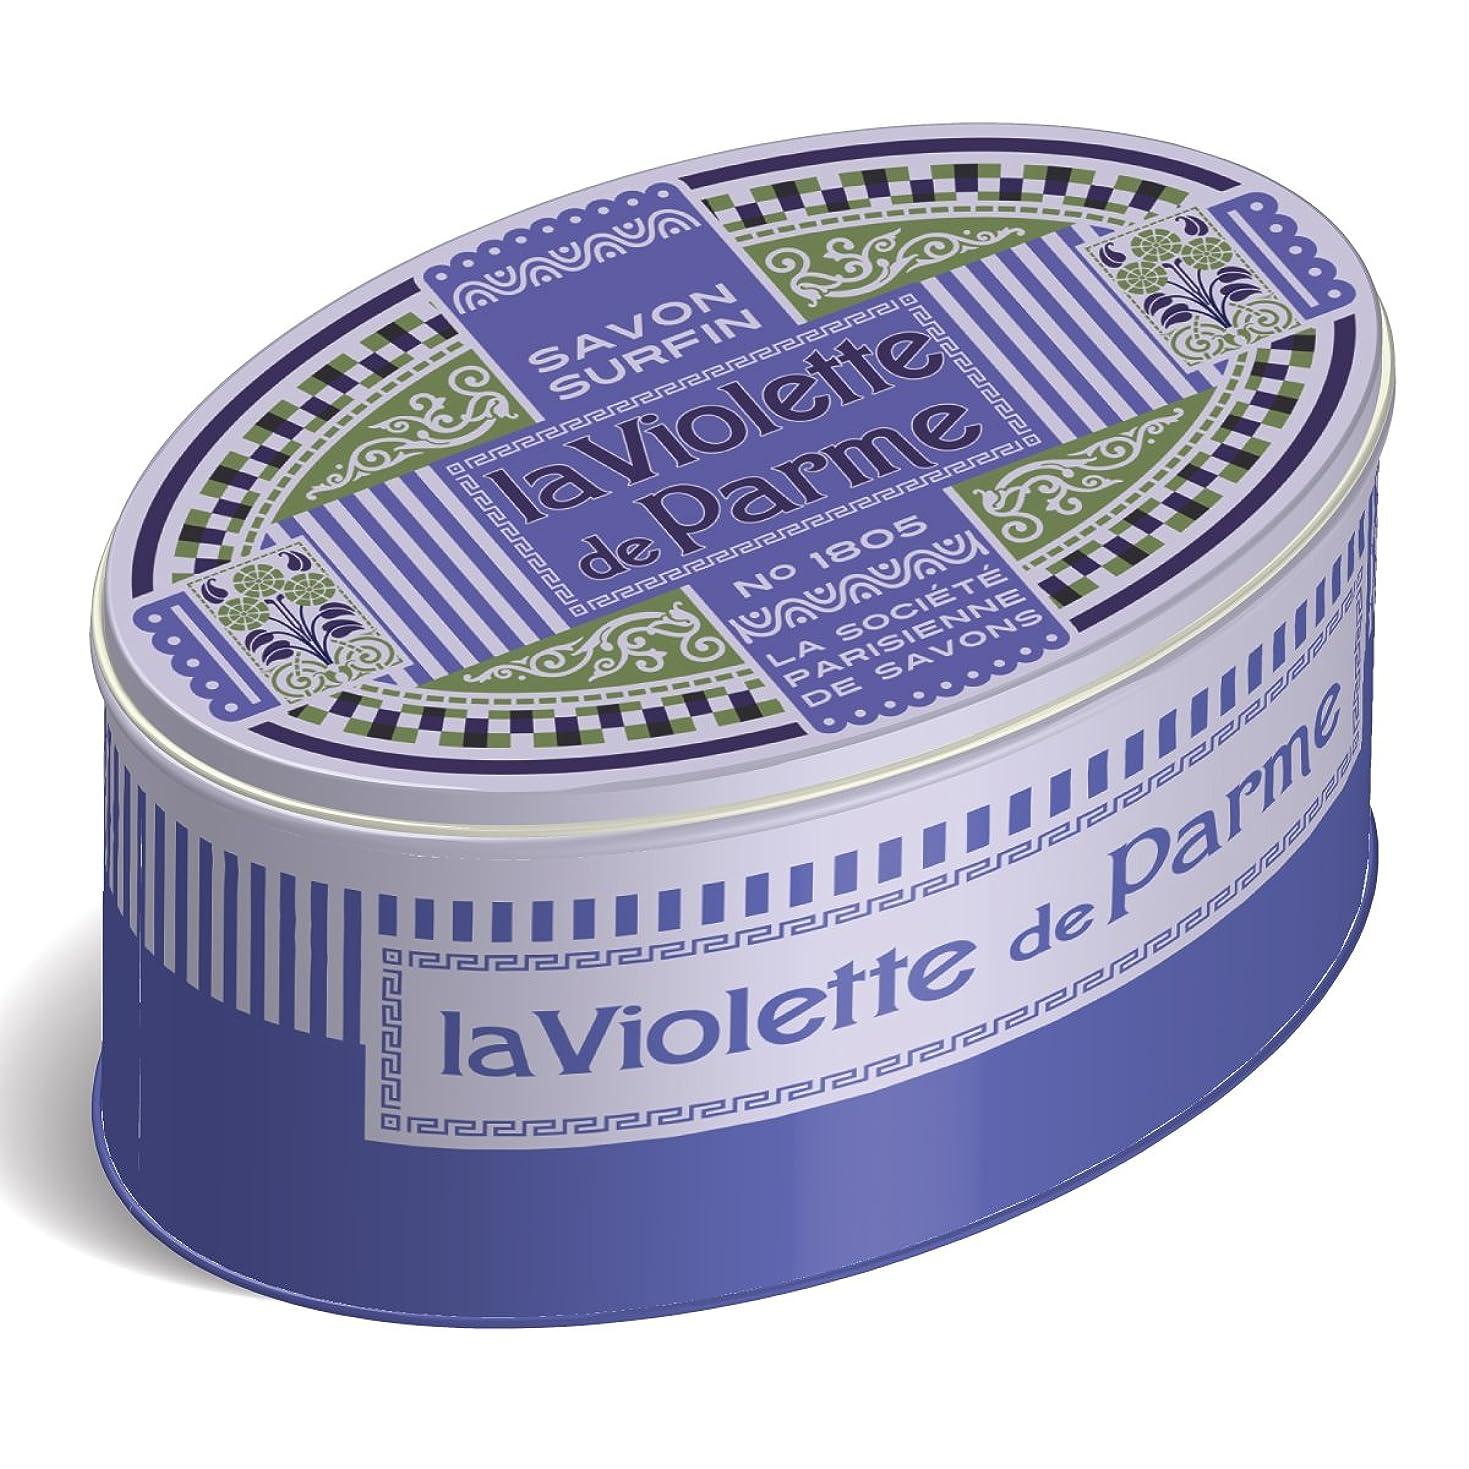 抹消ゴミ箱民主党LA SOCIETE PARISIENNE DE SAVONS フレグランスソープ(缶入) 250g 「ラヴィオットデパルム」 3440576130614